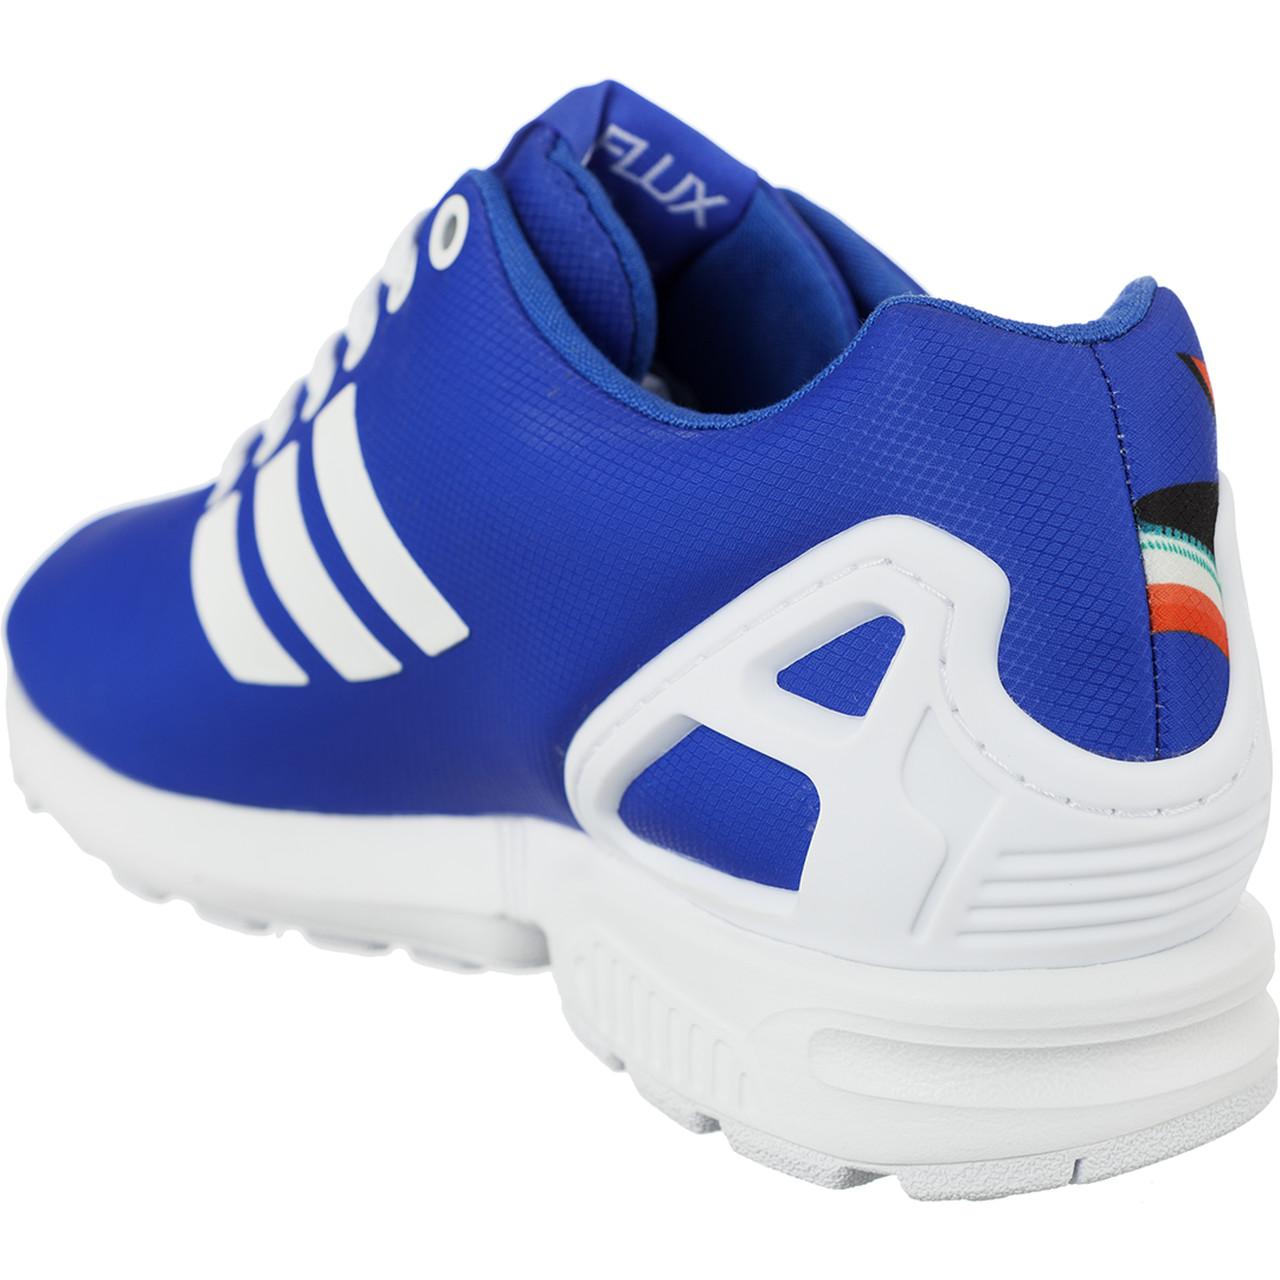 adidas zx 500 og w bleu